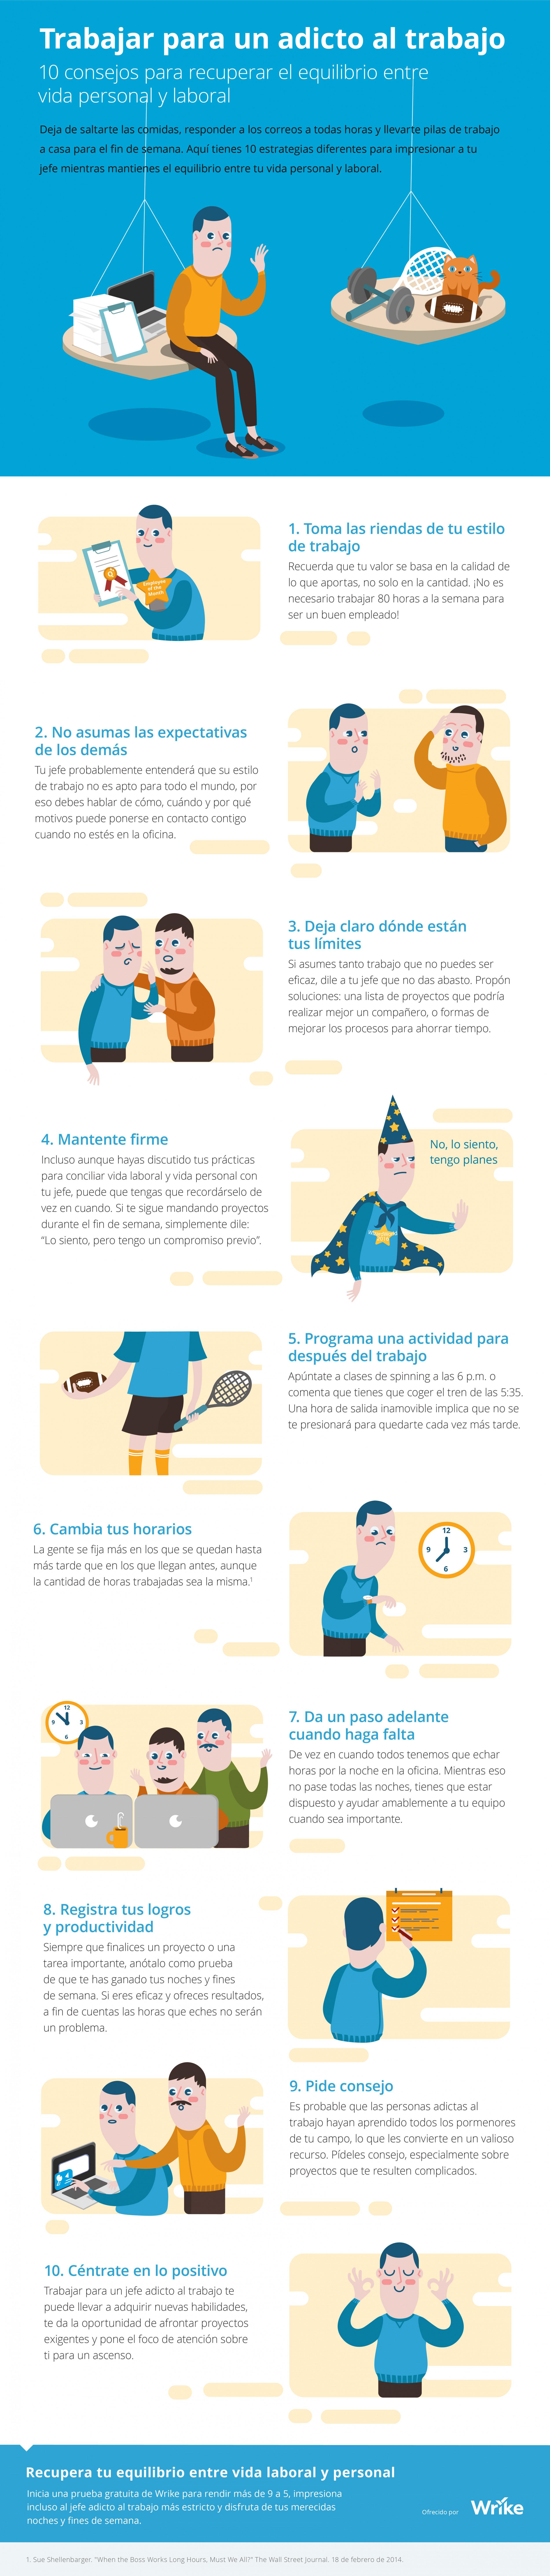 Trabajar para un adicto al trabajo: 10 consejos para recuperar el equilibrio entre tu vida laboral y personal (infografía)